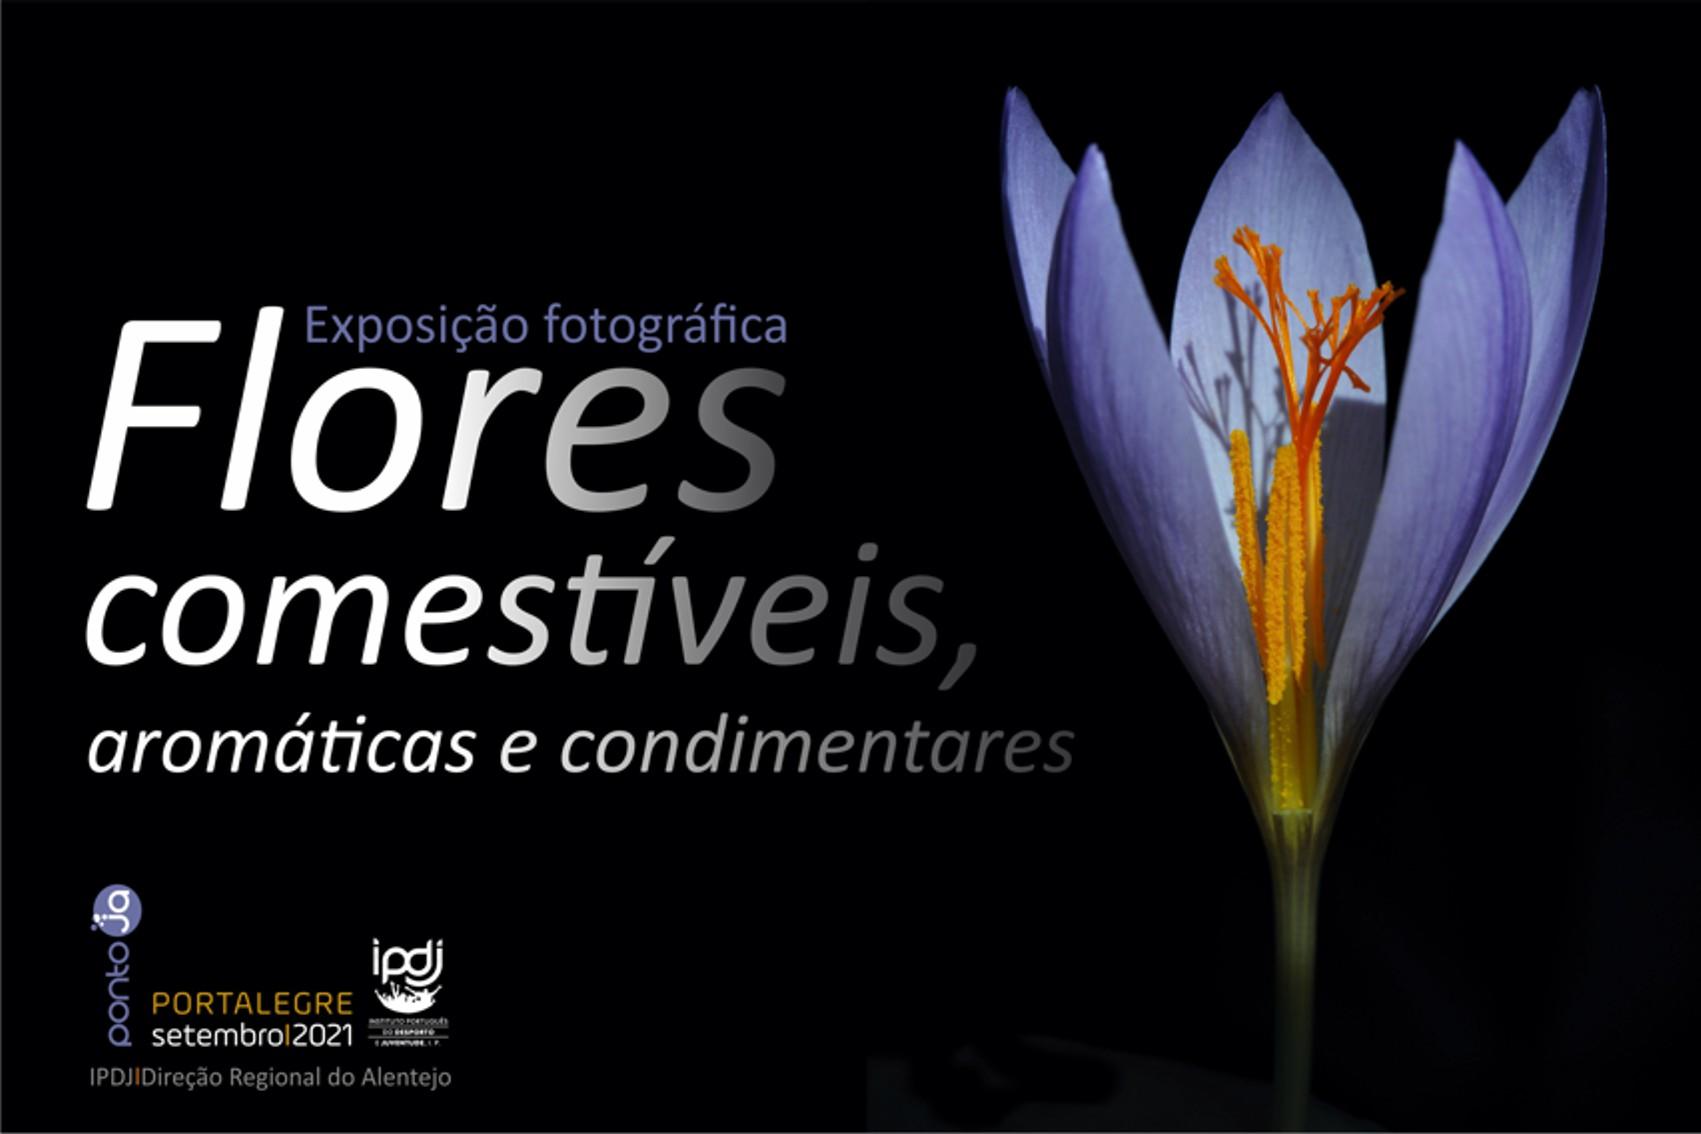 cartaz com flores comestíveis